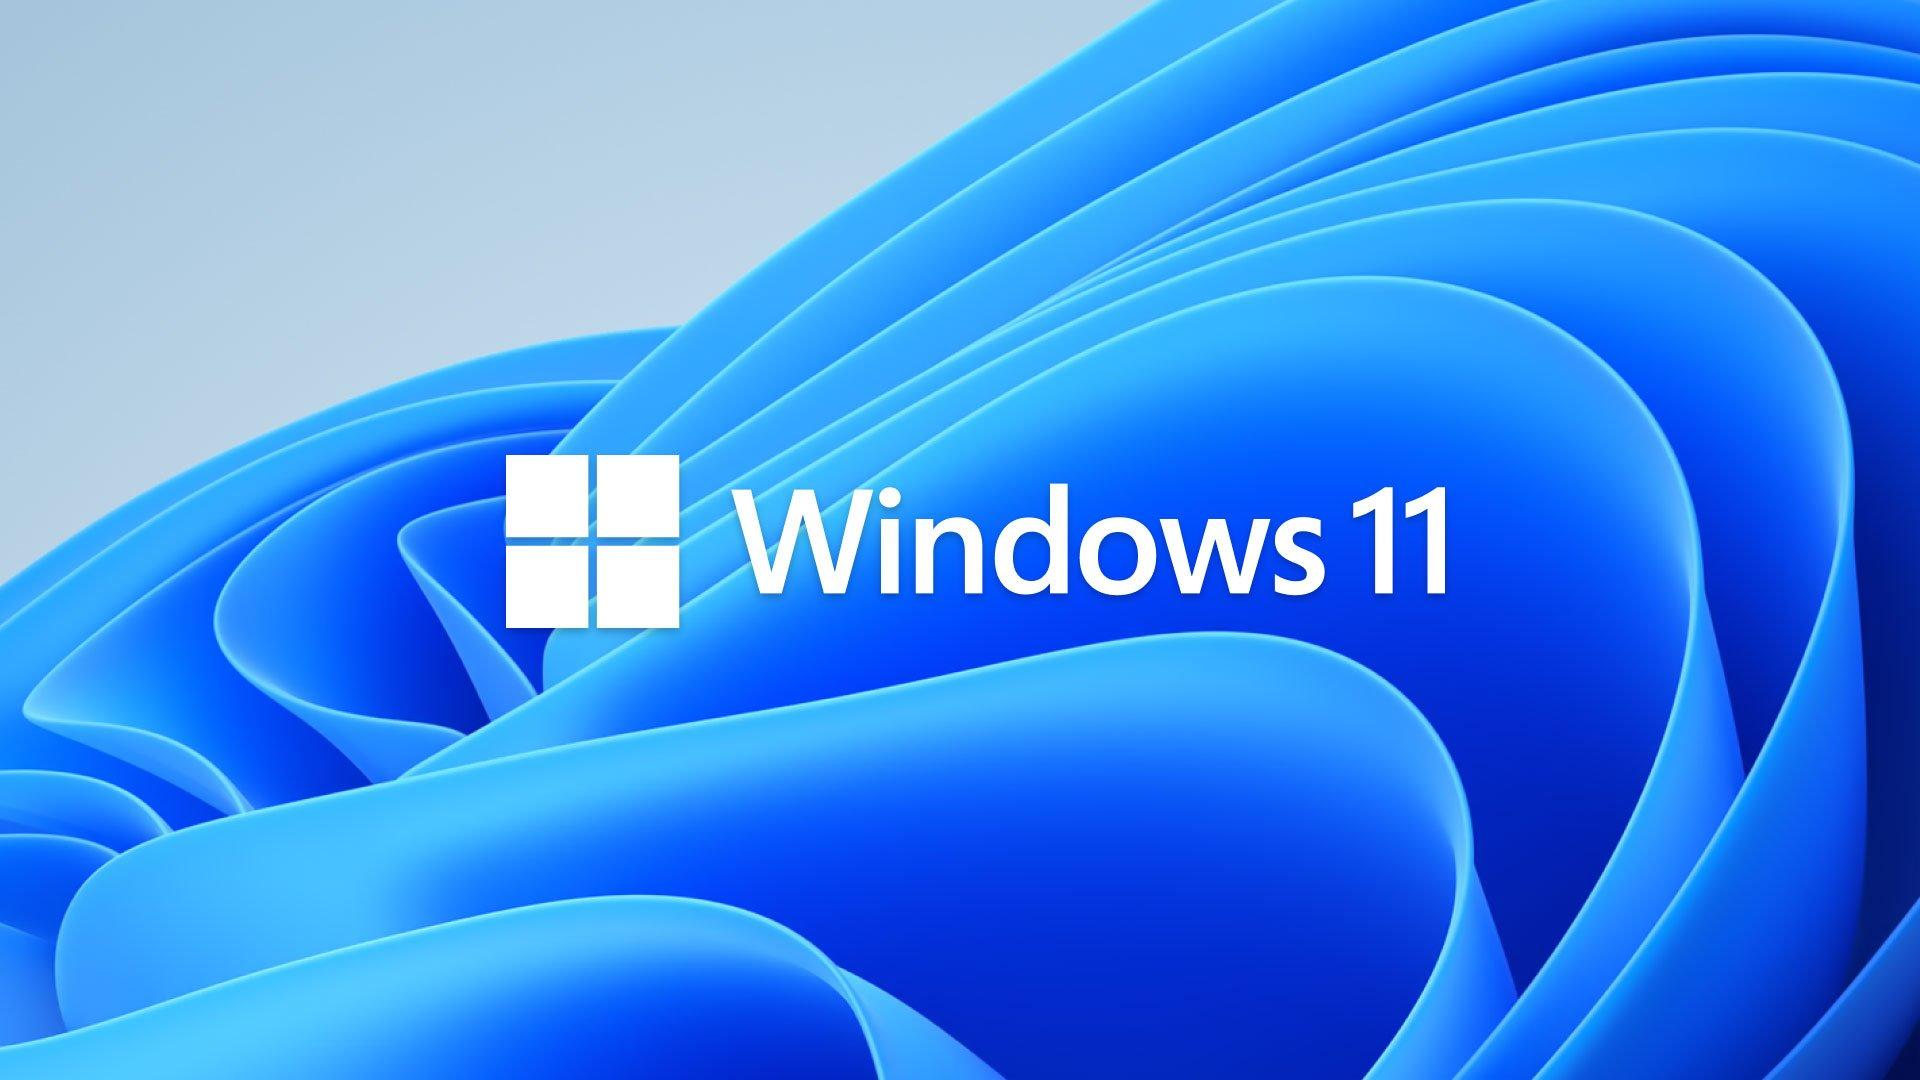 Майкрософт Уиндоус 11 Windows 11